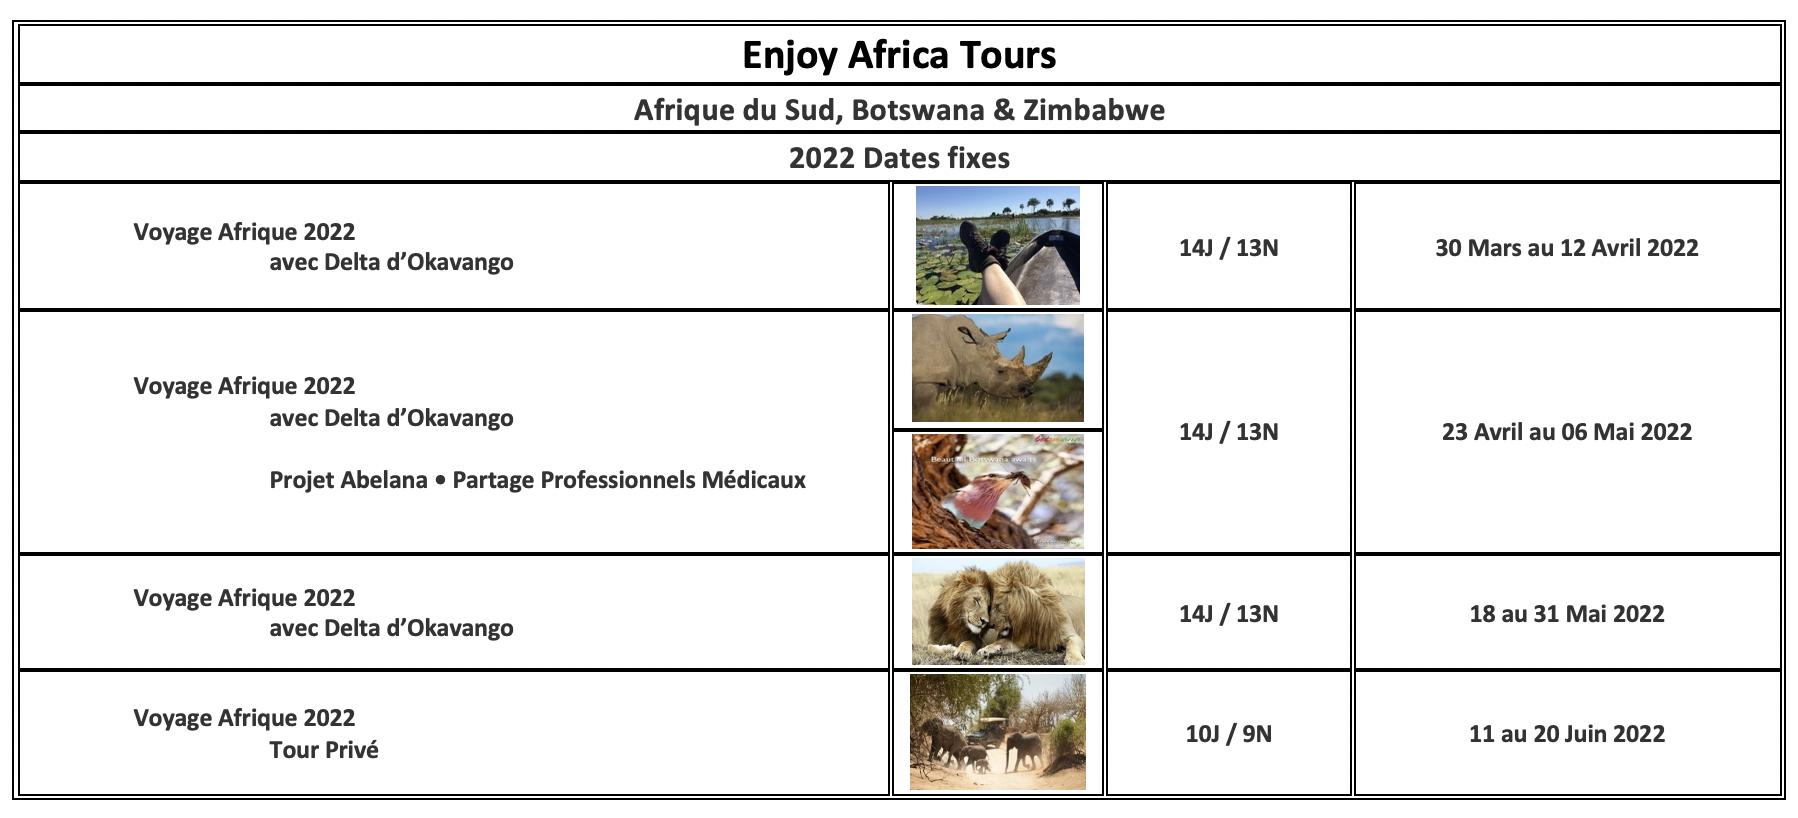 Enjoy Afrique Tours 2022 Afrique du Sud Botswana Zimbabwe